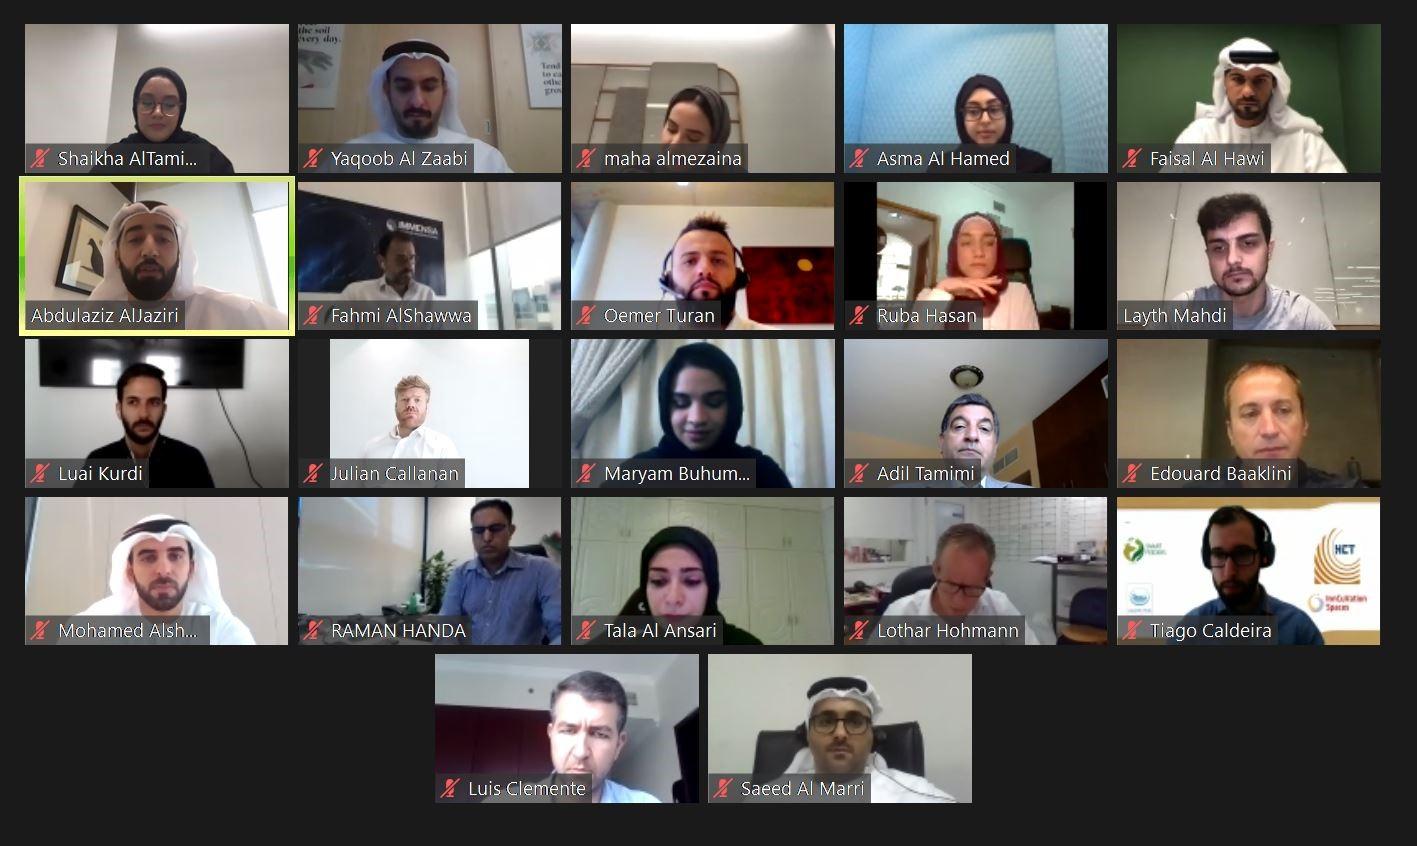 مؤسسة دبي للمستقبل تباشر تفعيل التحالف الاستراتيجي للطباعة ثلاثية الأبعاد